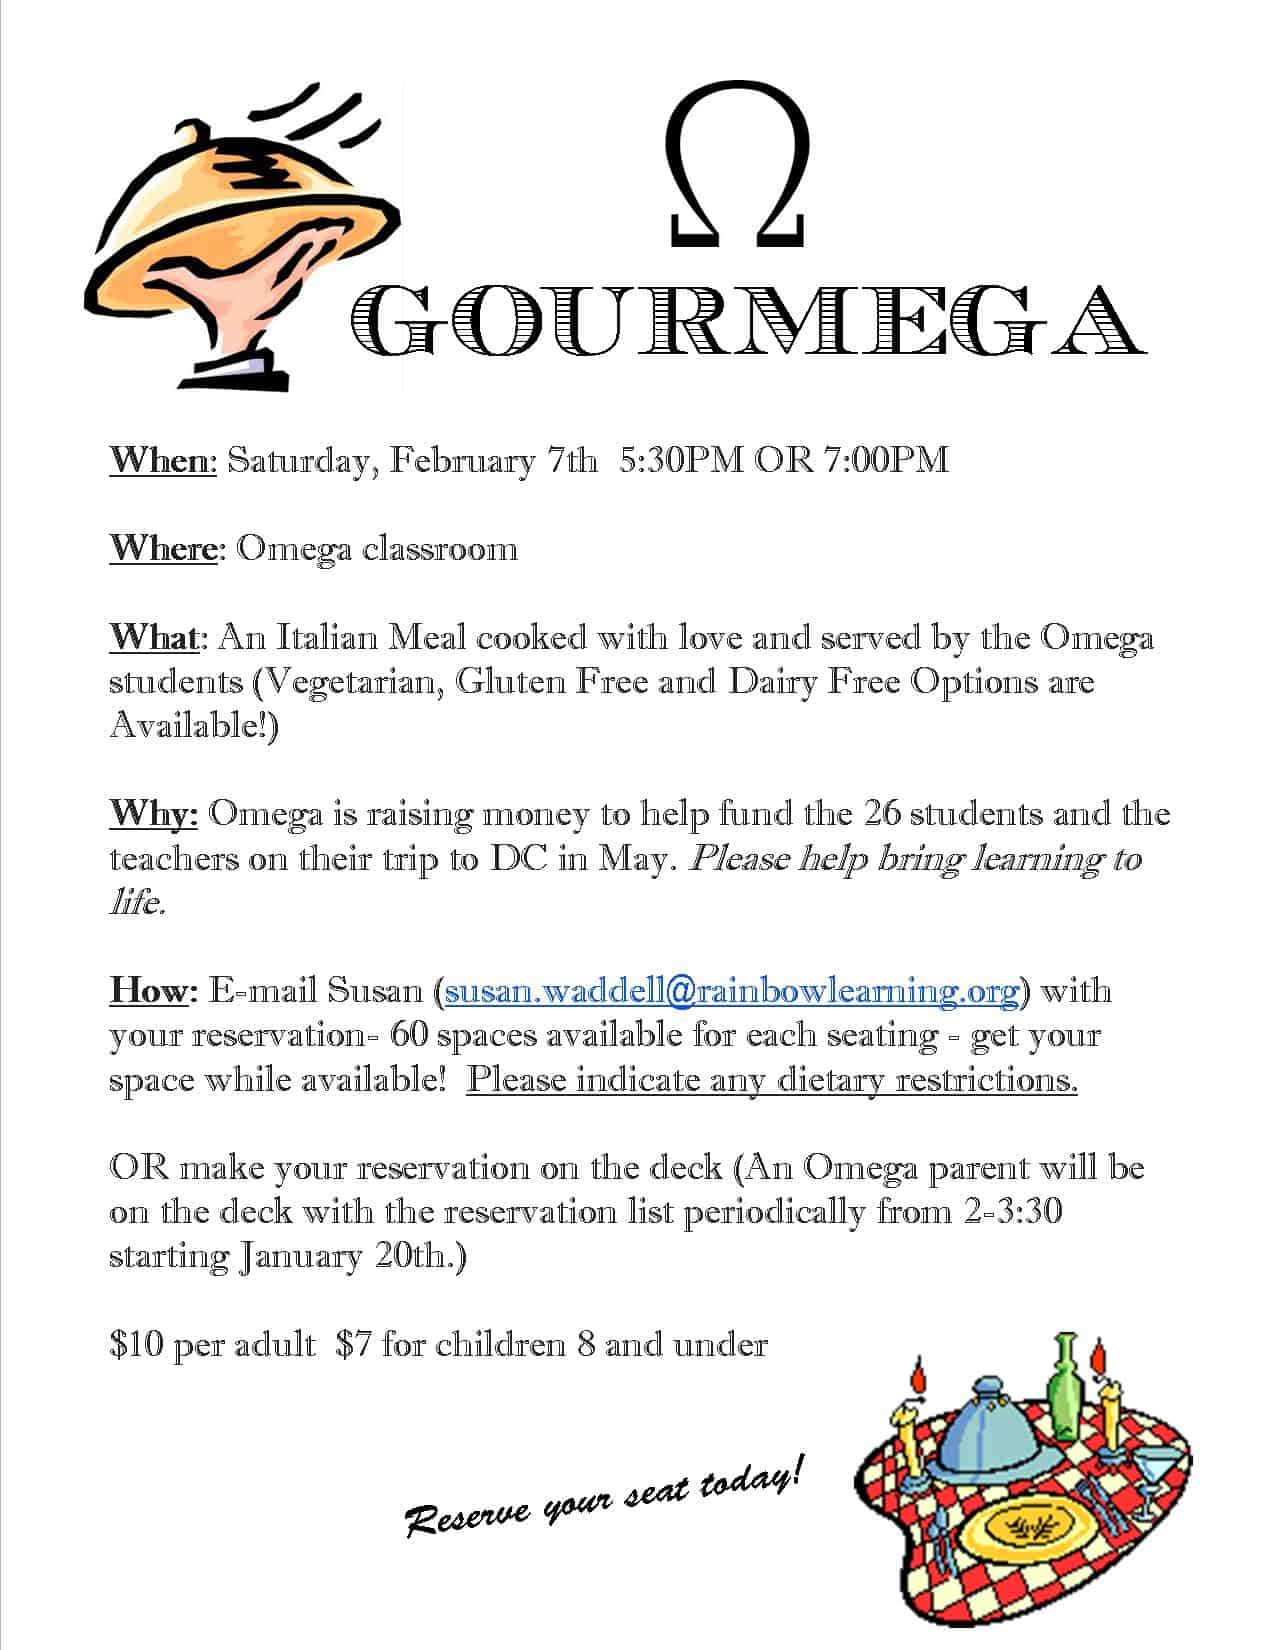 omega fundraising for washington DC